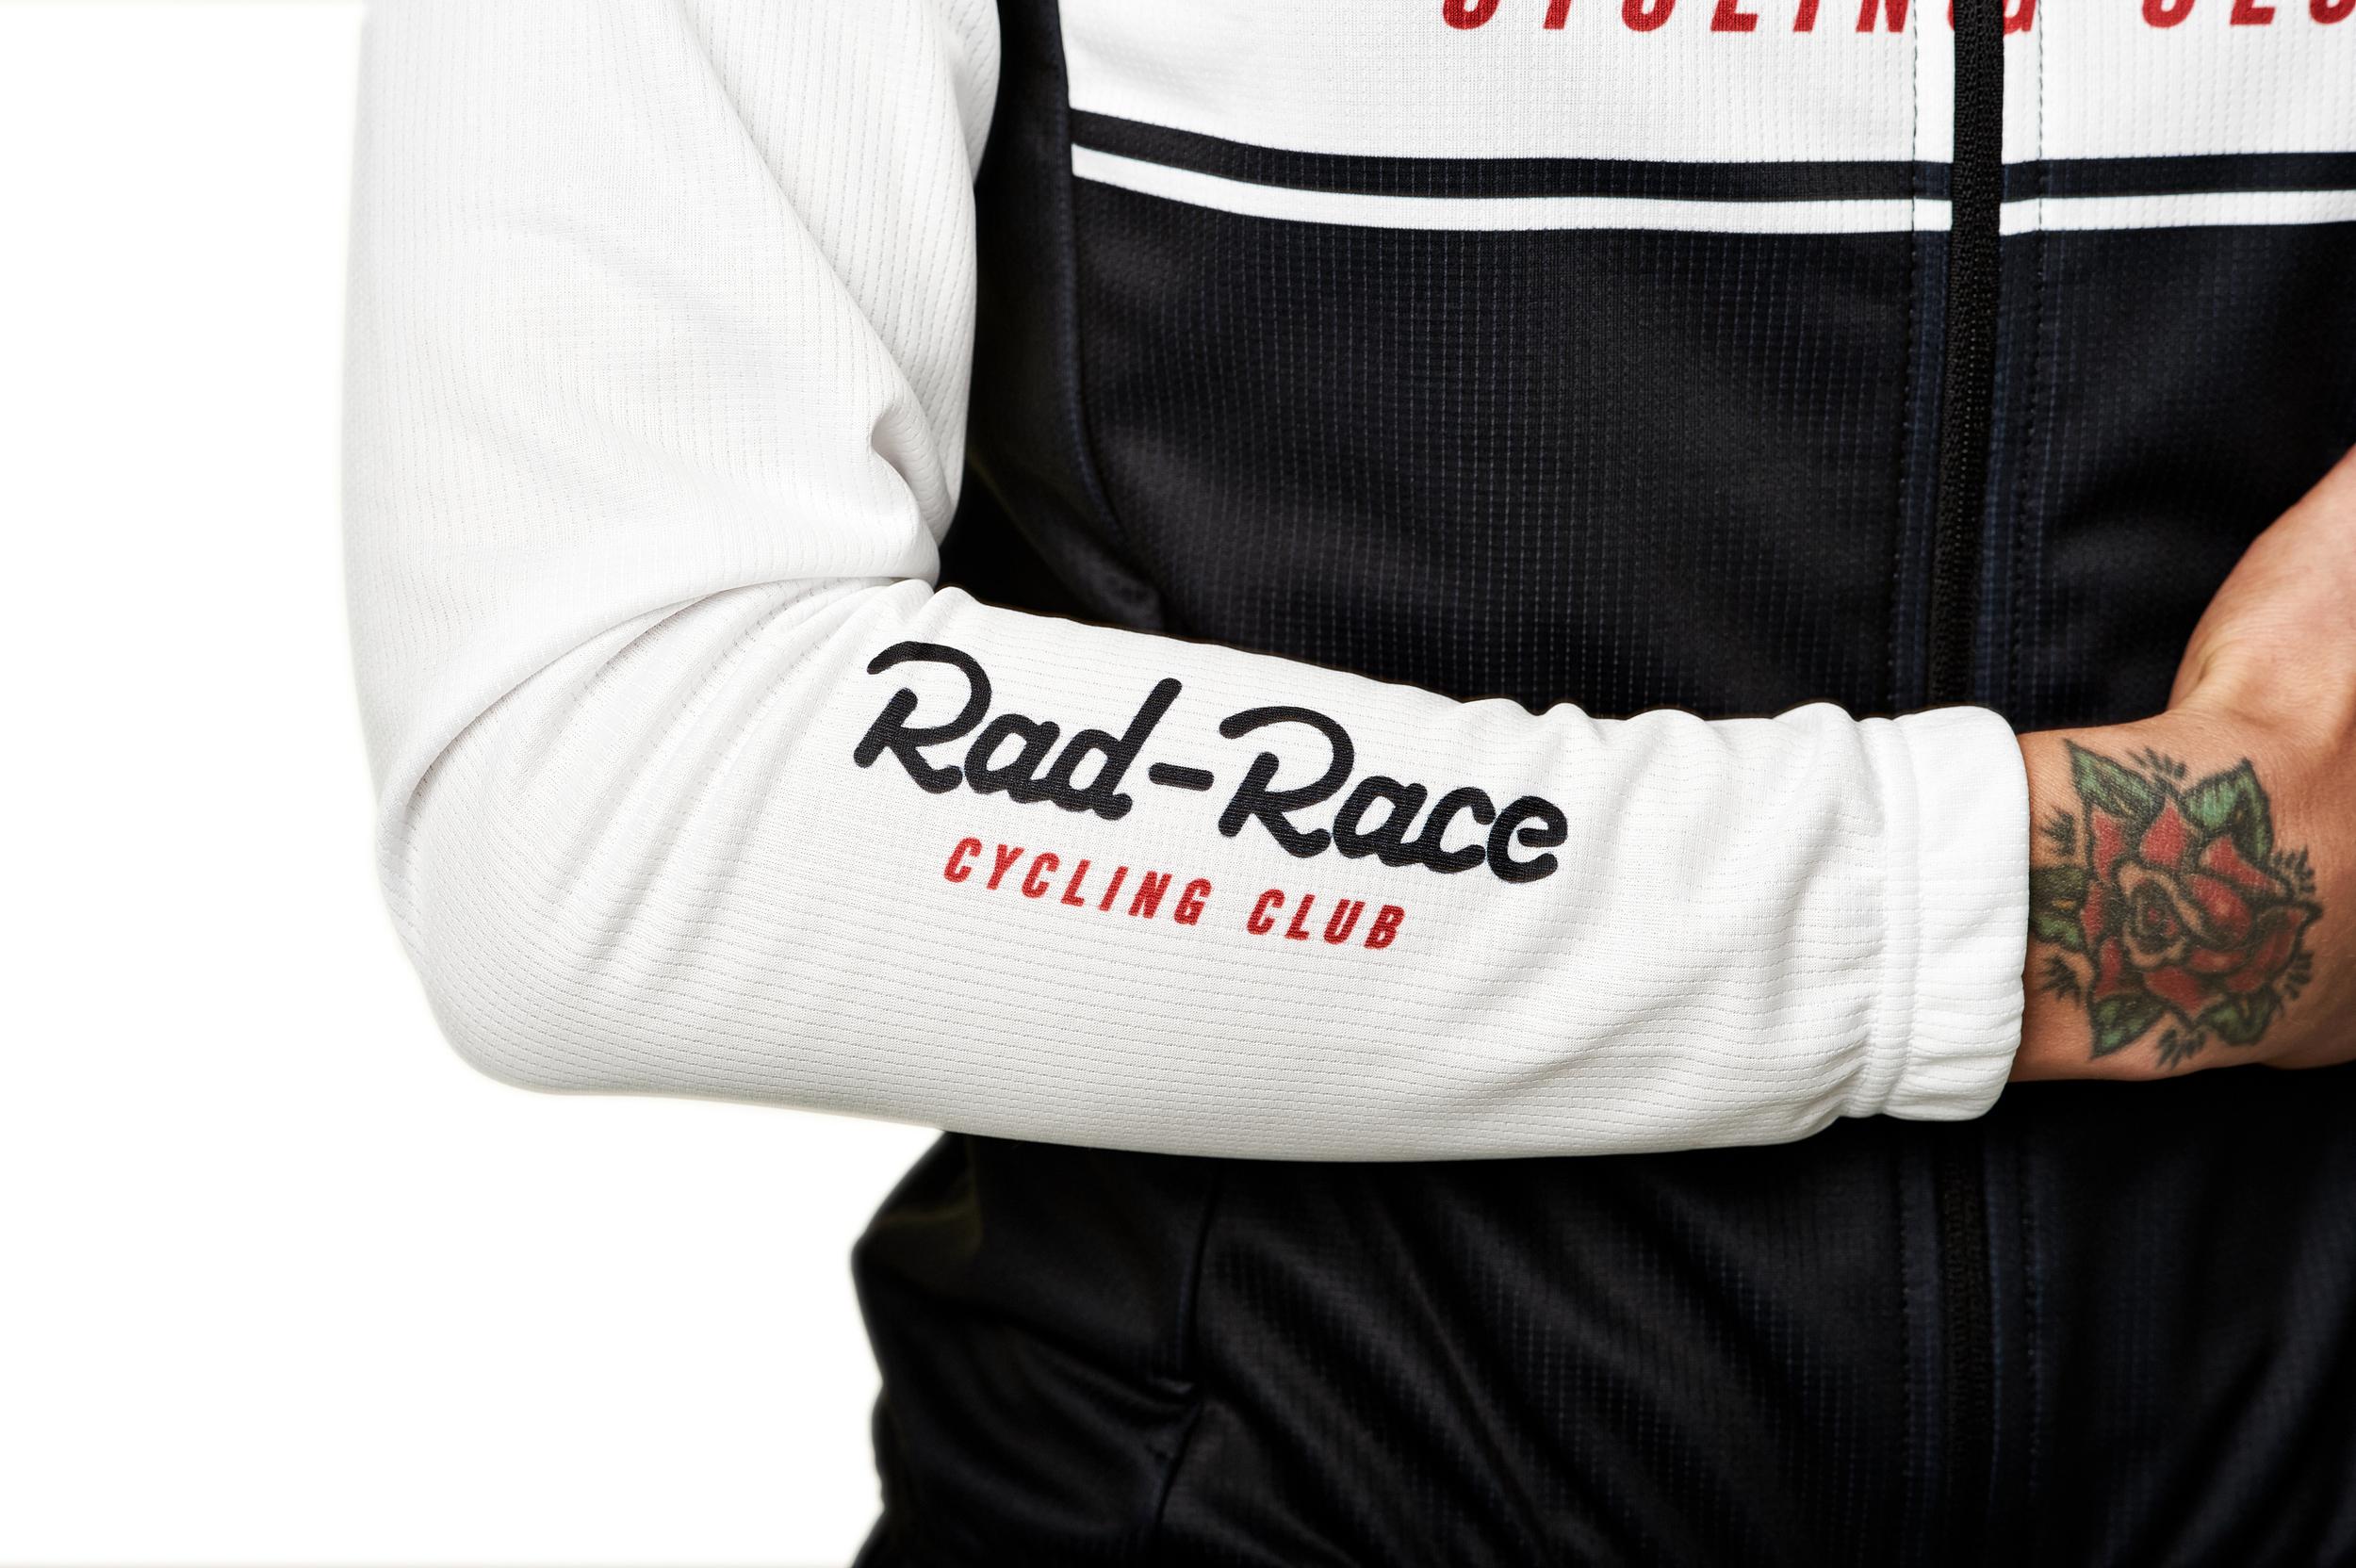 RadRaceShop_CyclingClub_15.jpg